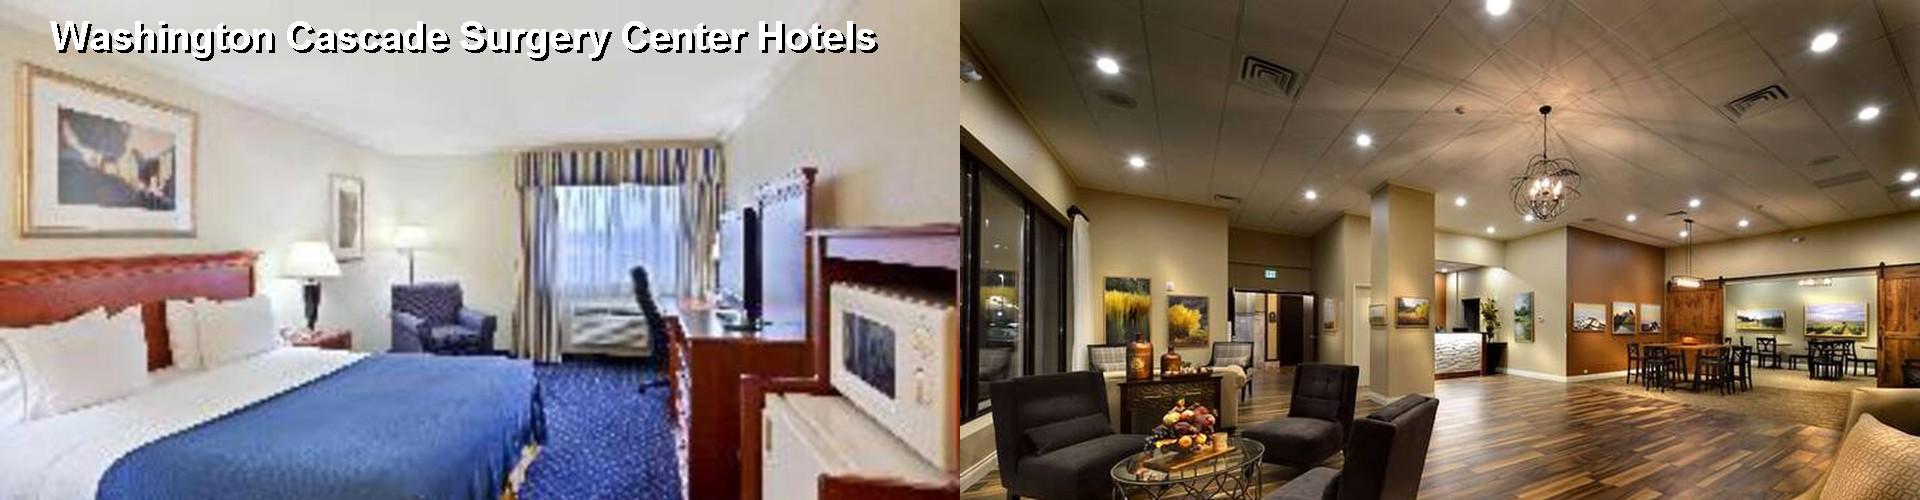 $49+ Hotels Near Washington Cascade Surgery Center in Yakima WA